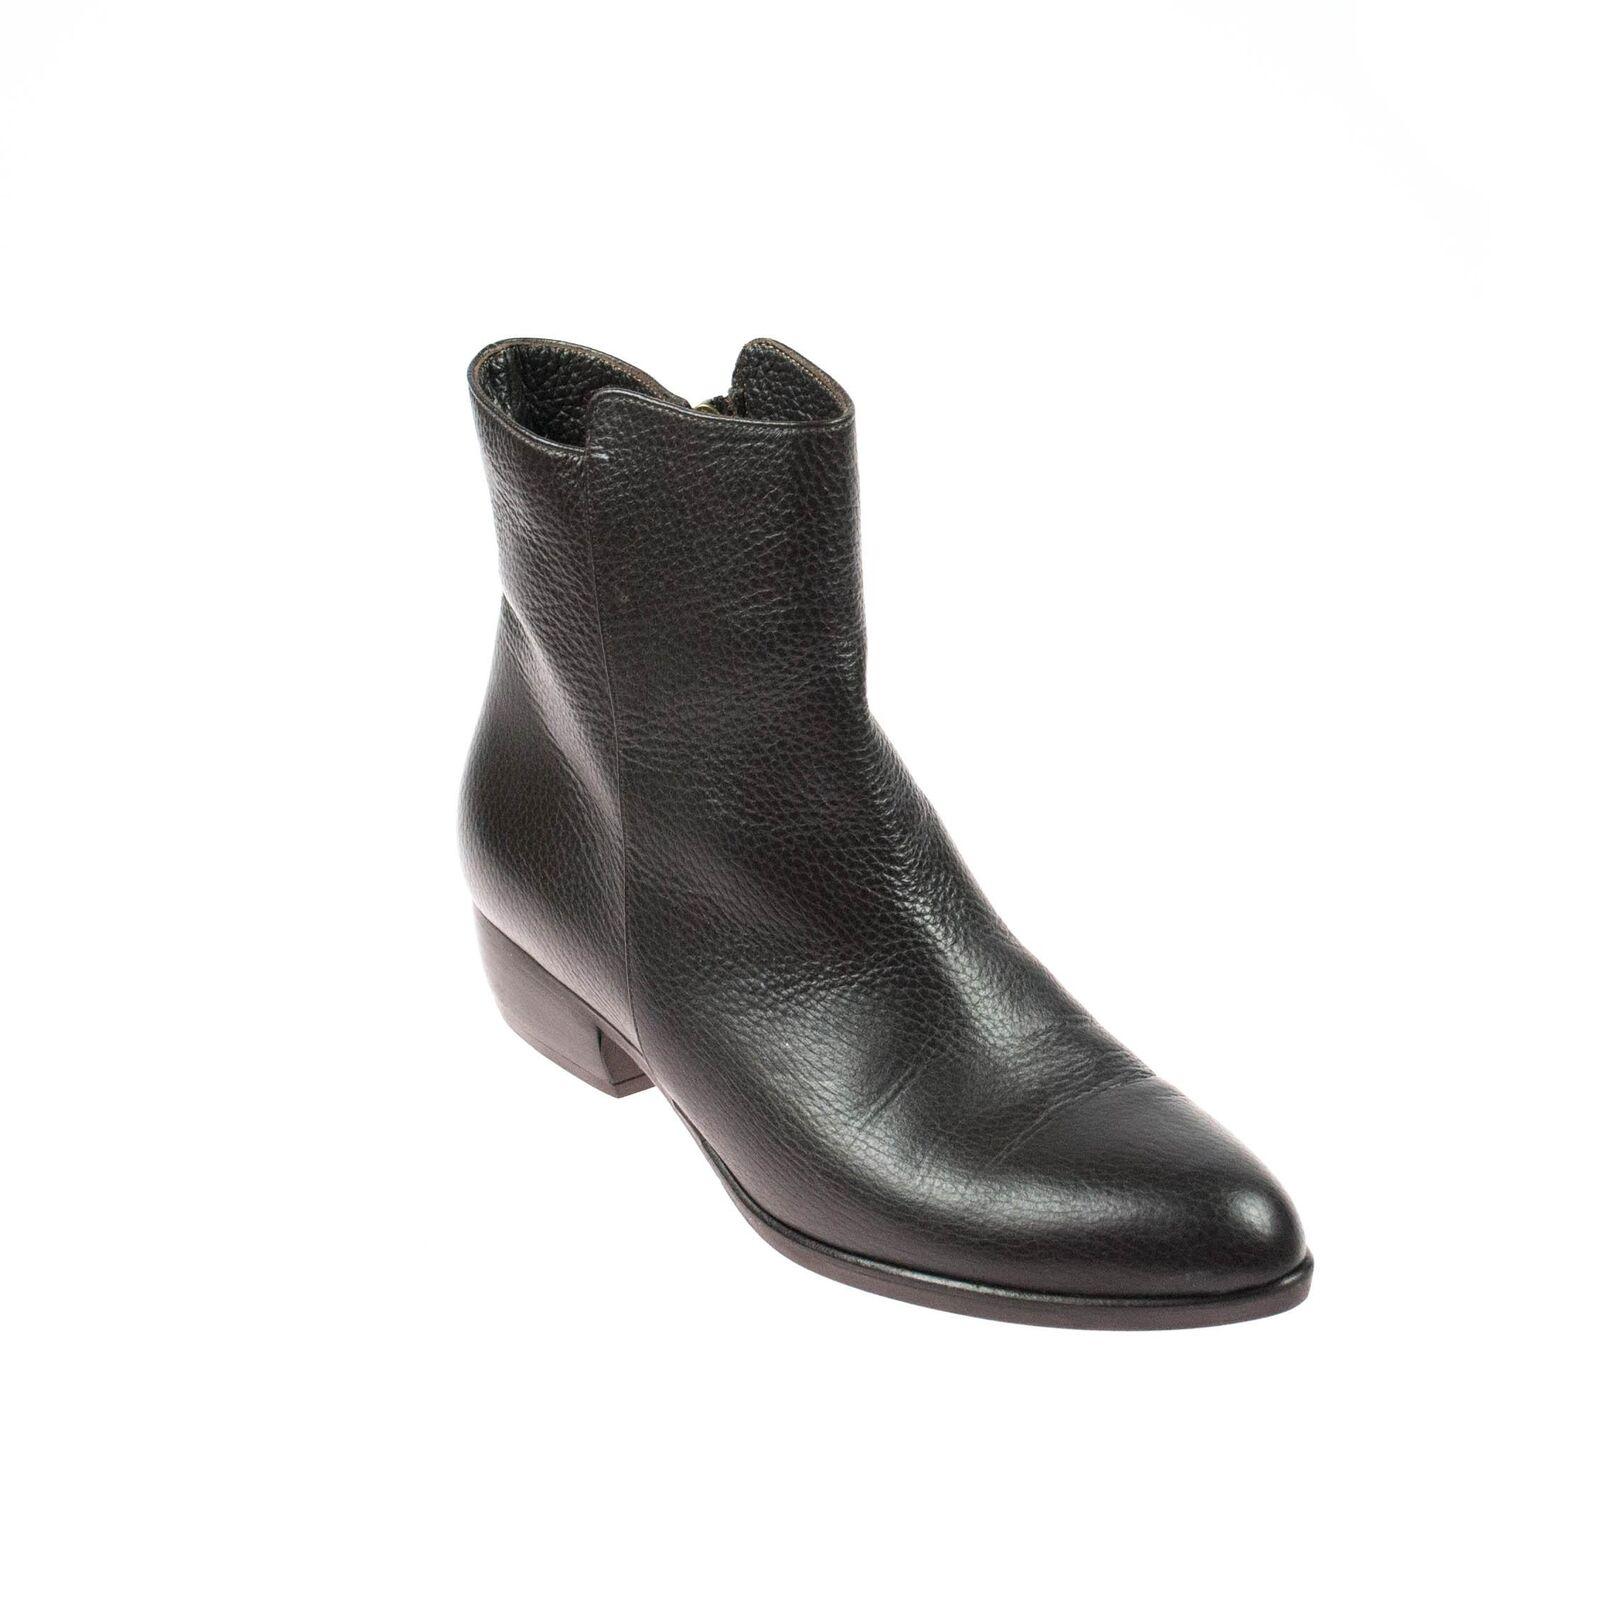 Marvib señora botín de cuero marrón